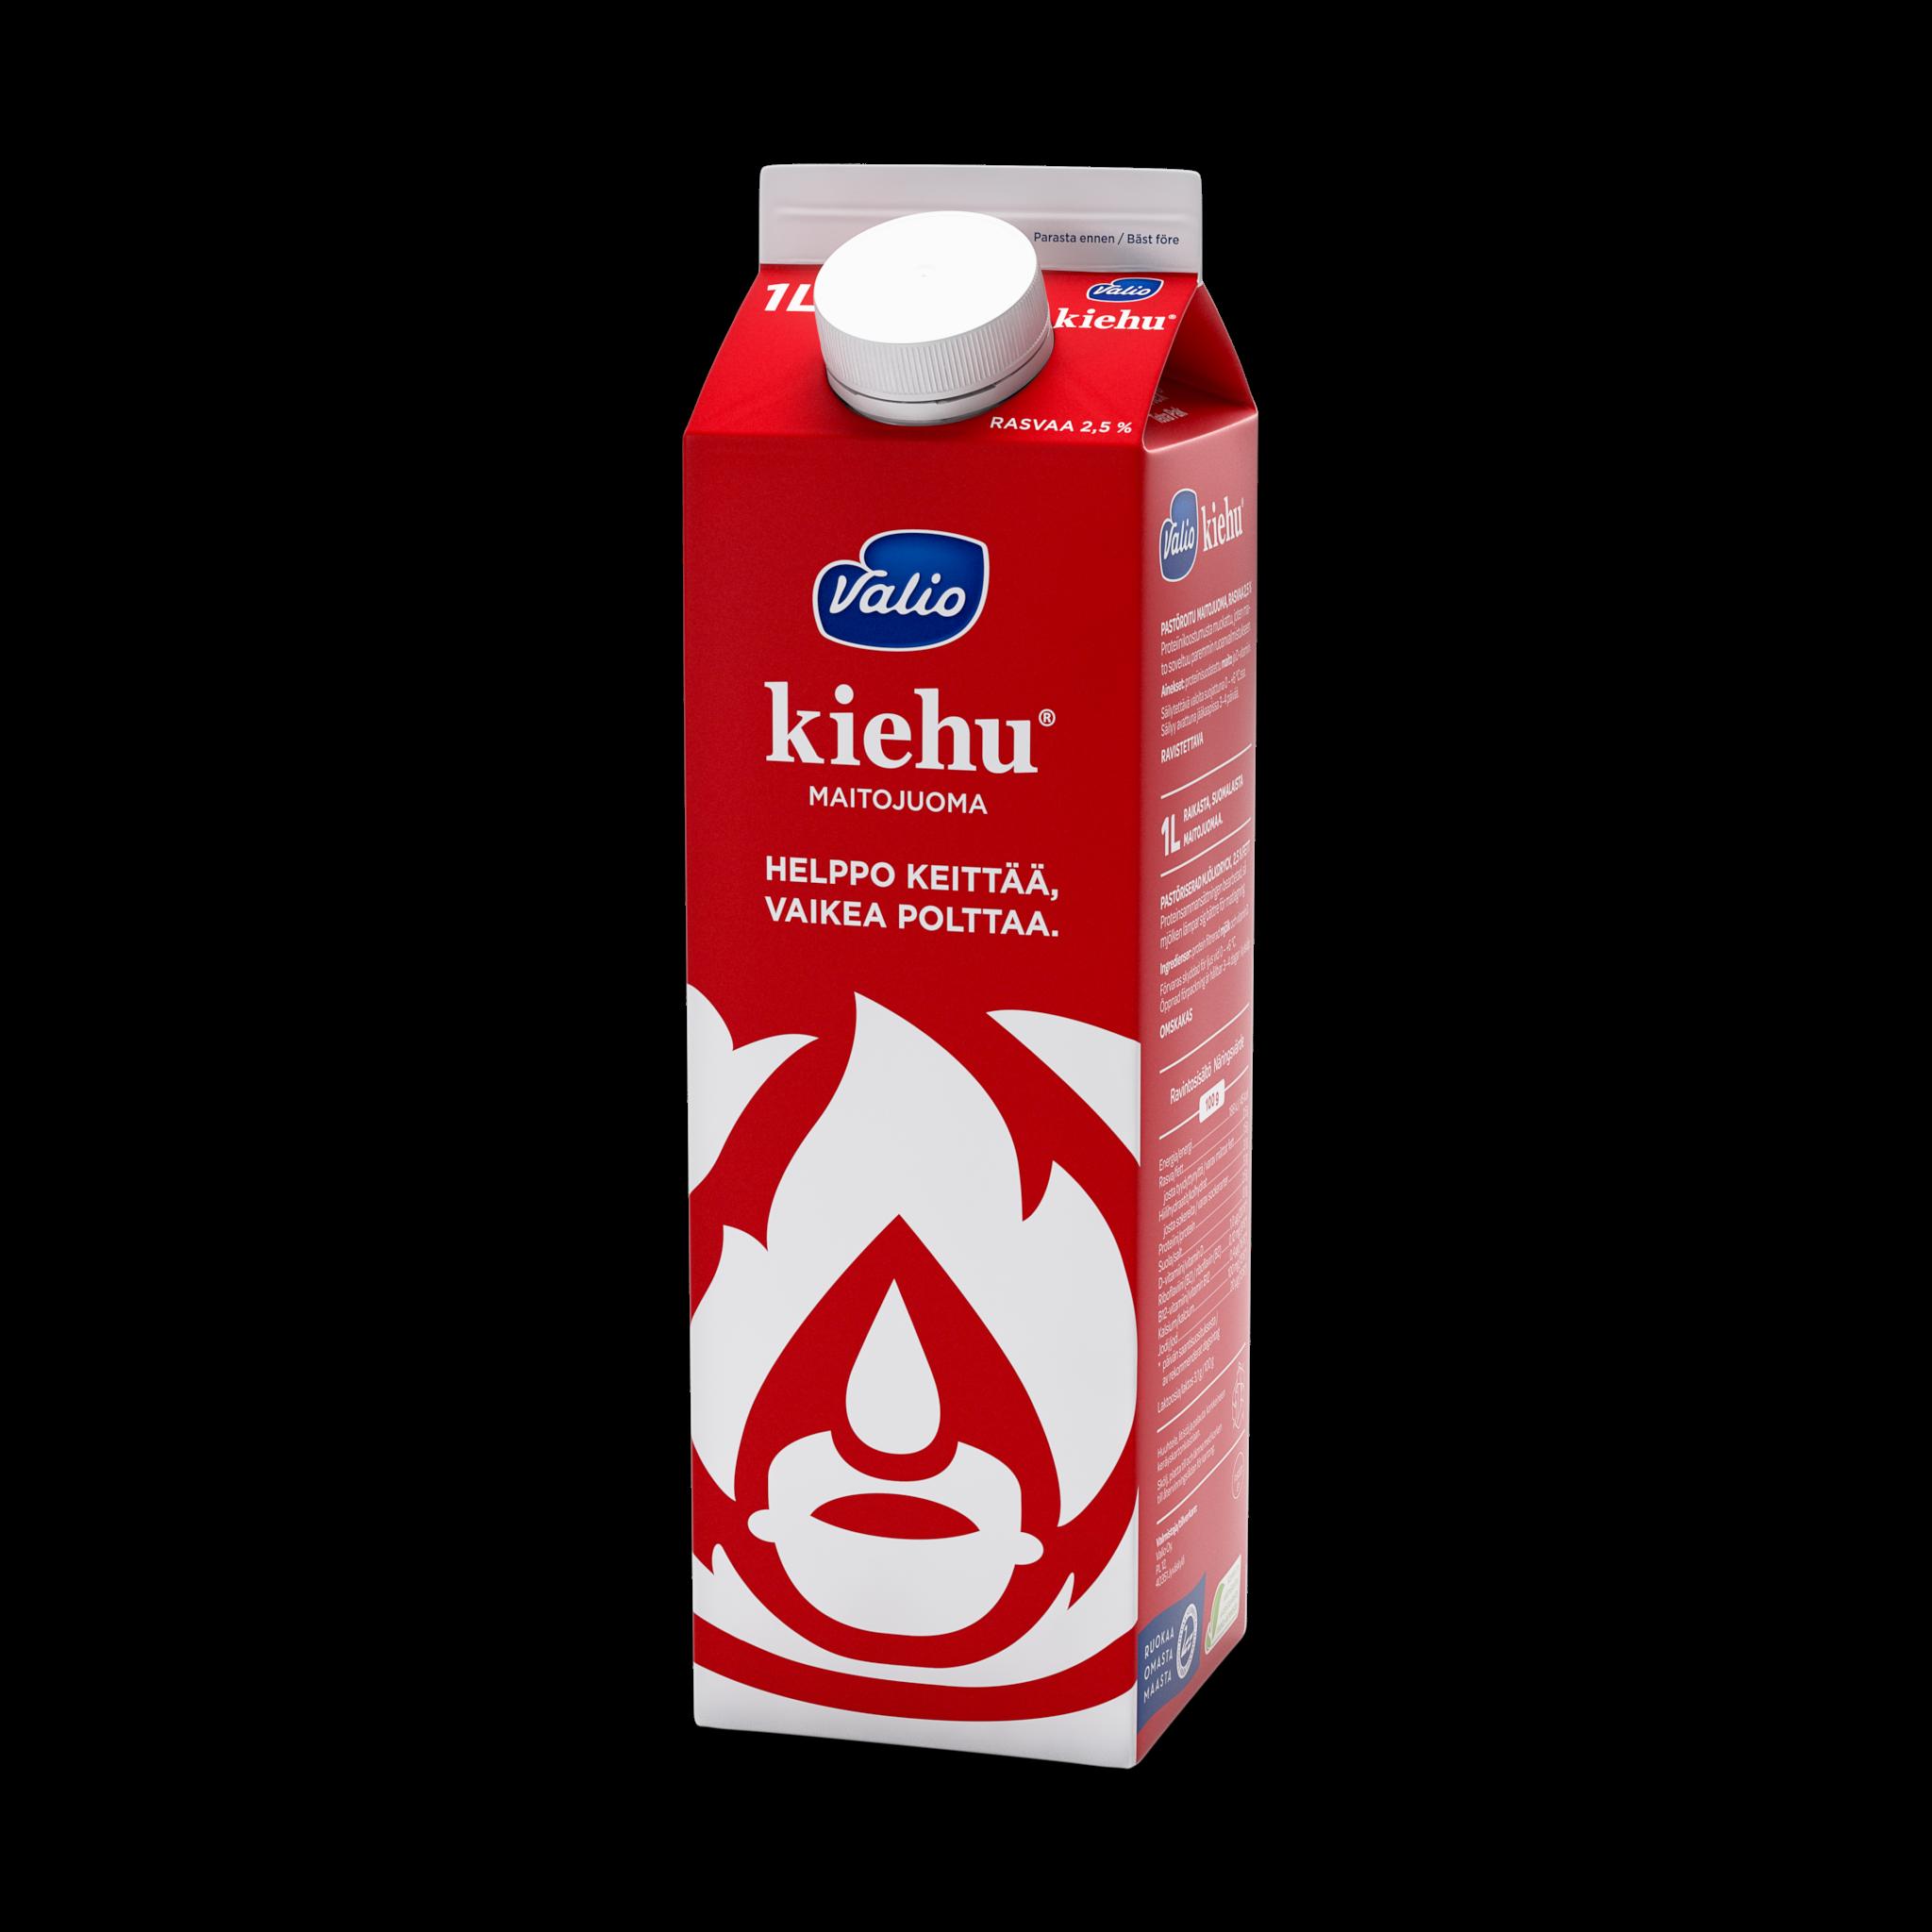 Valio Kiehu® maitojuoma